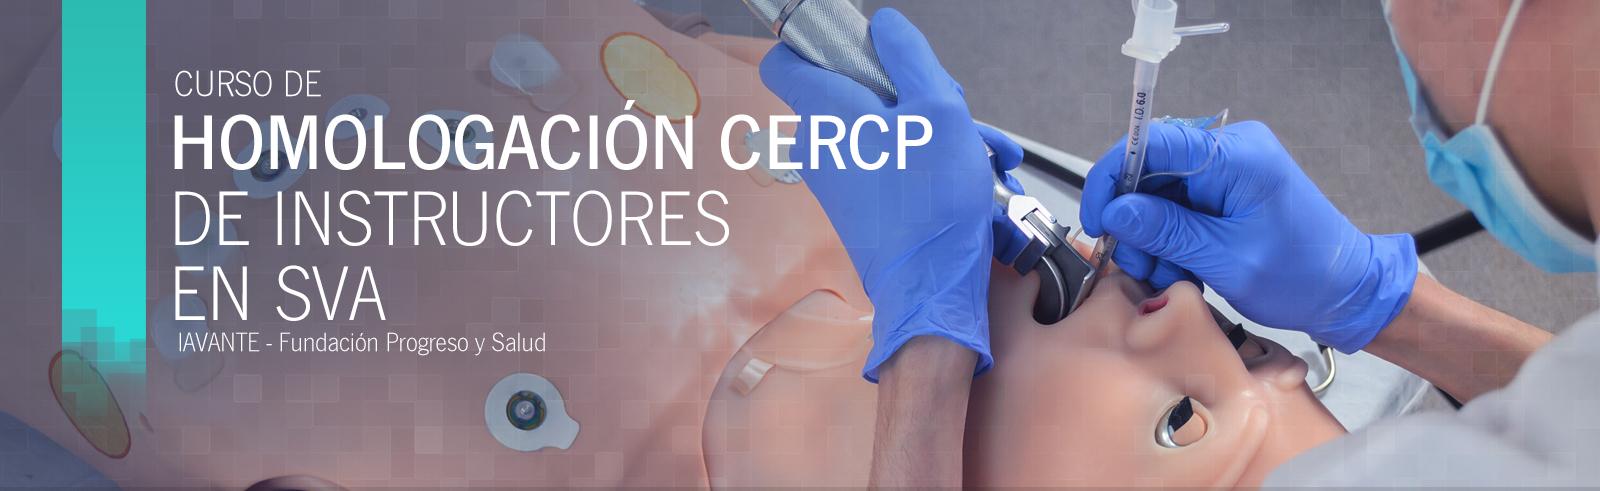 Homologación CERCP de instructores en SVA